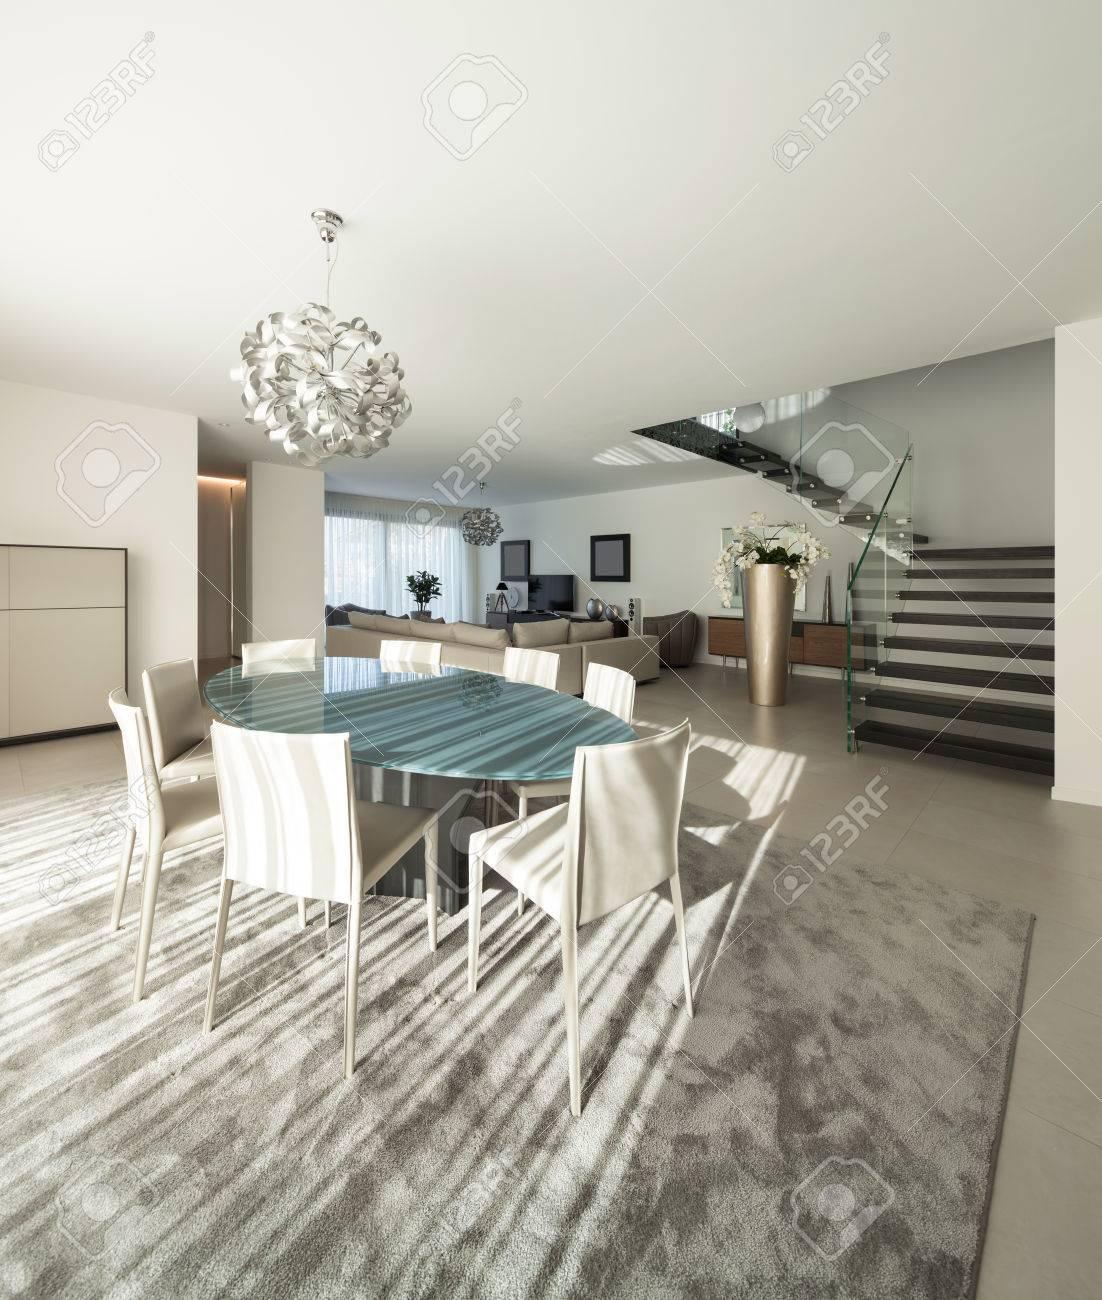 Beeindruckend Gemütliches Wohnzimmer Das Beste Von Innenraum Einer Modernen Wohnung, Gemütliches Standard-bild -